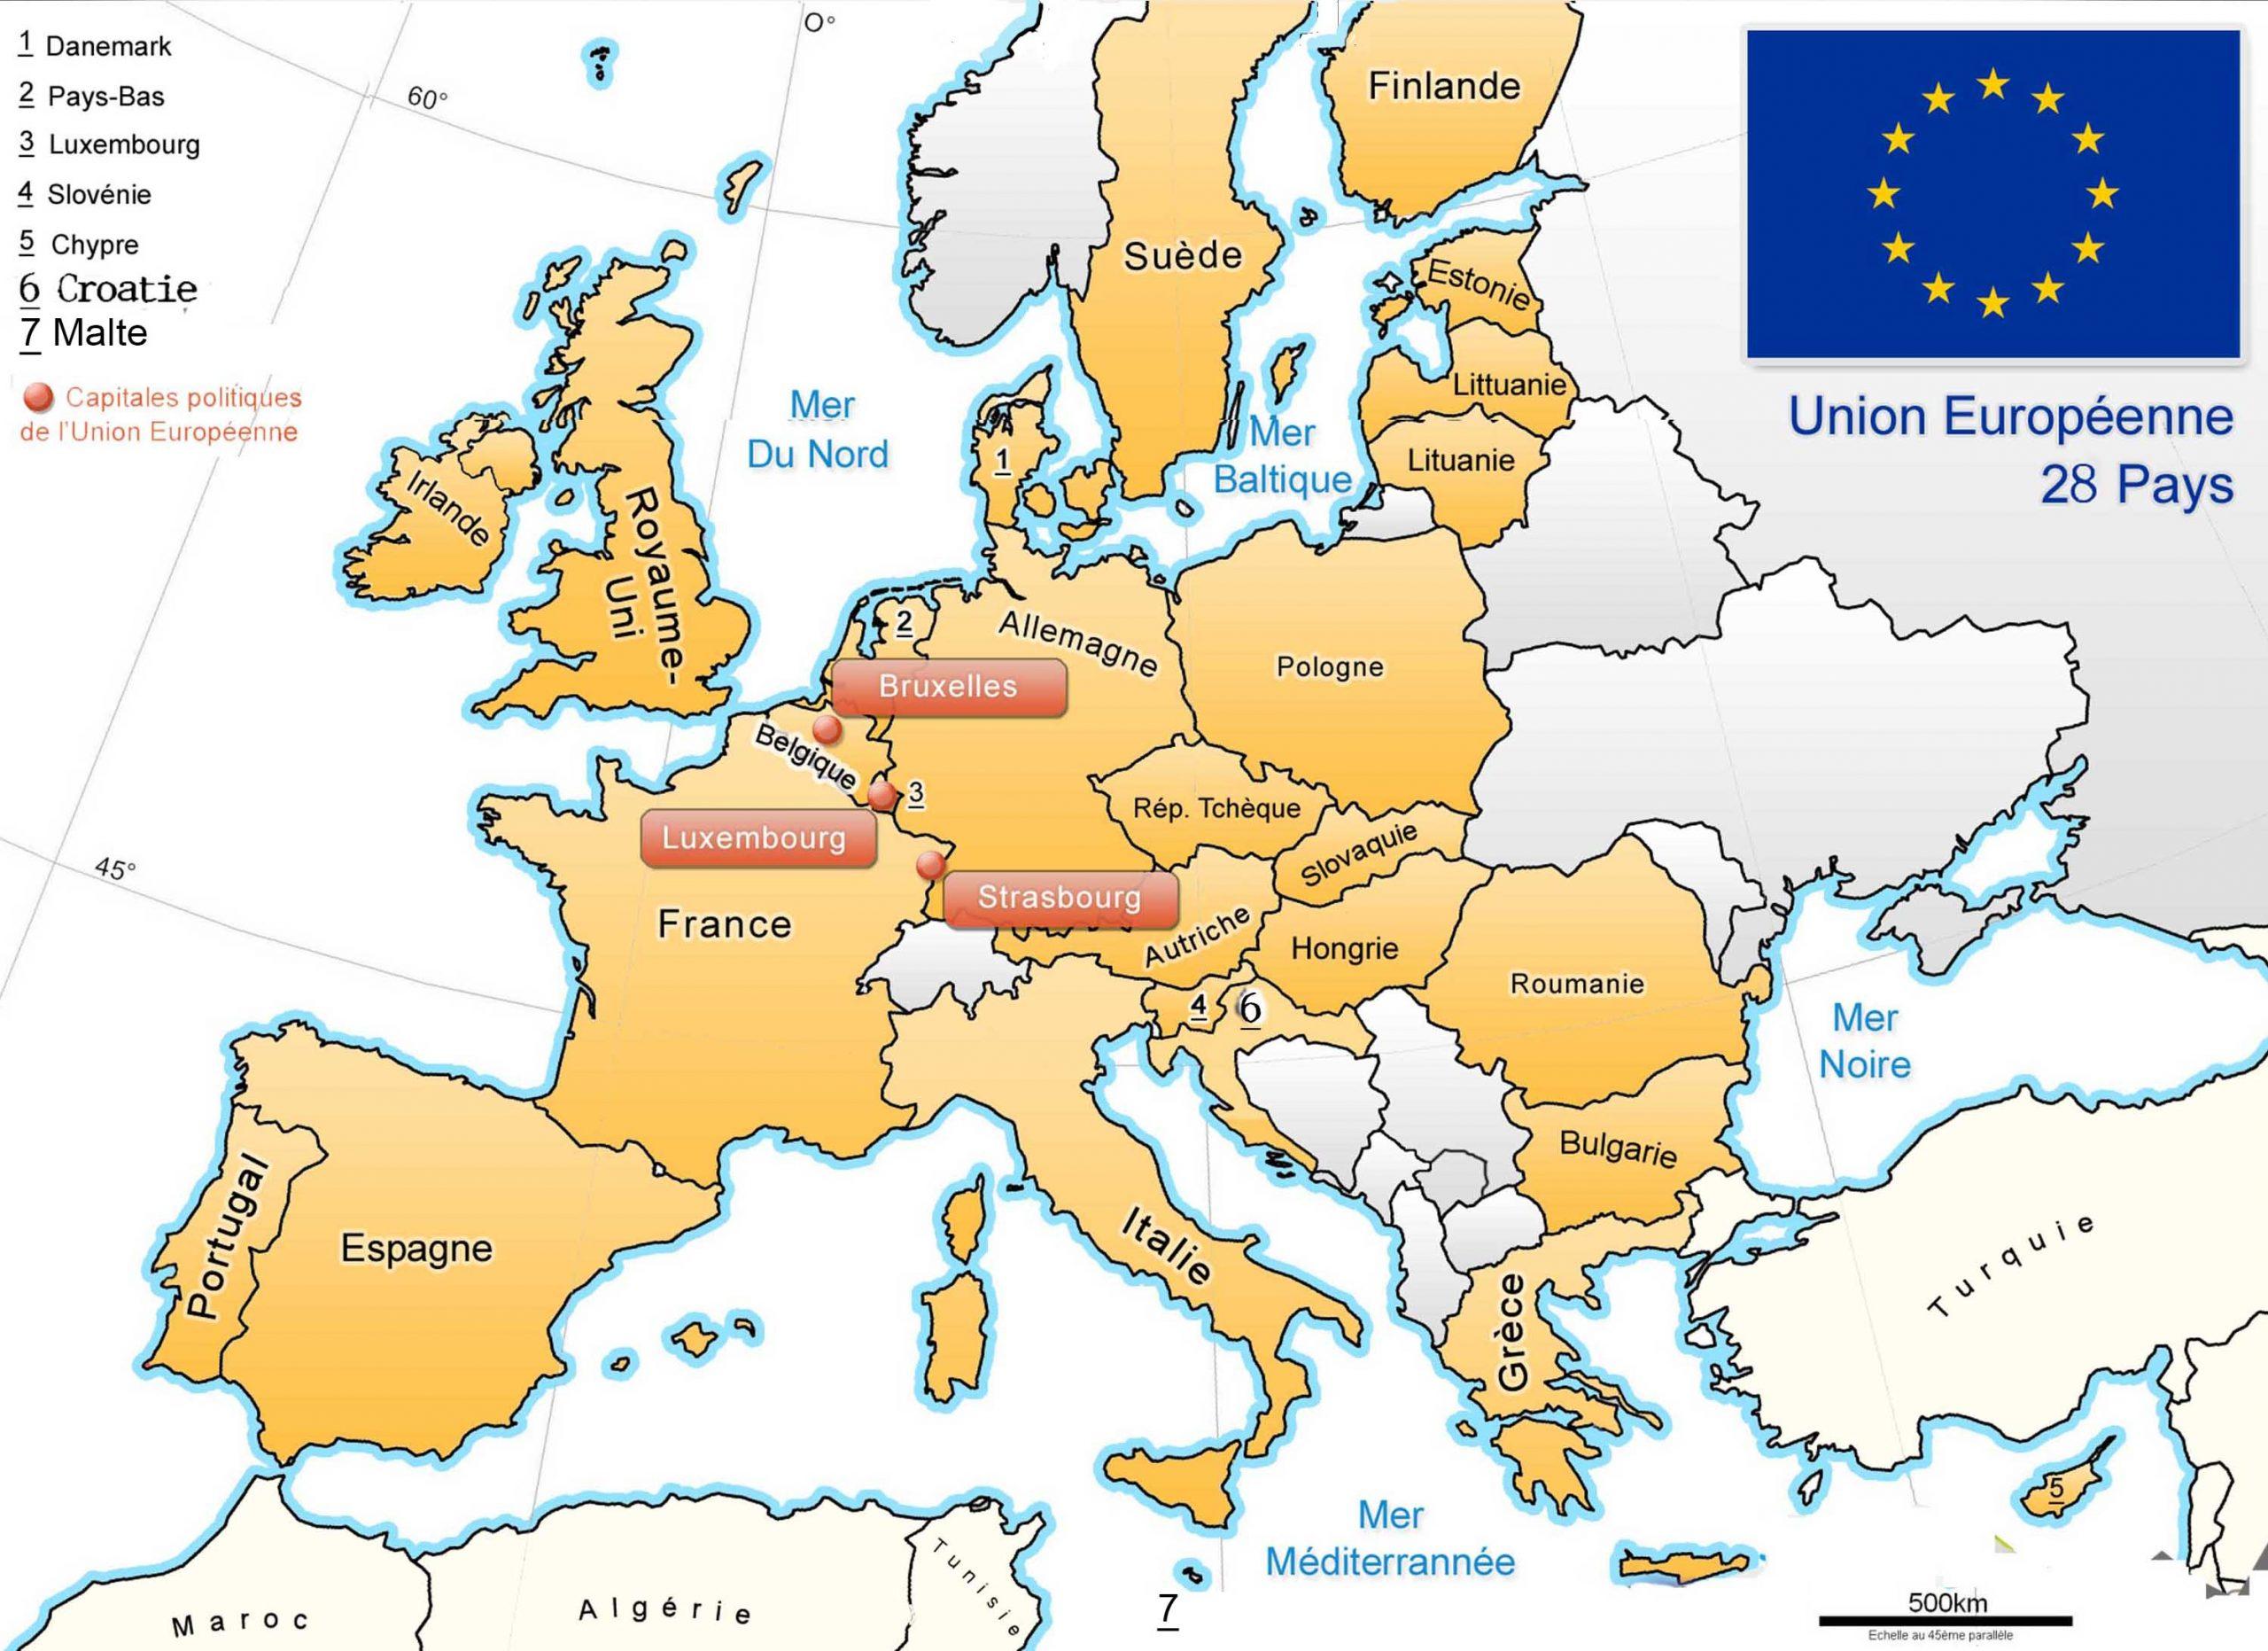 Apprendre À Placer Les Pays De L' Union Européenne - Le Blog encequiconcerne Carte Europe Capitales Et Pays